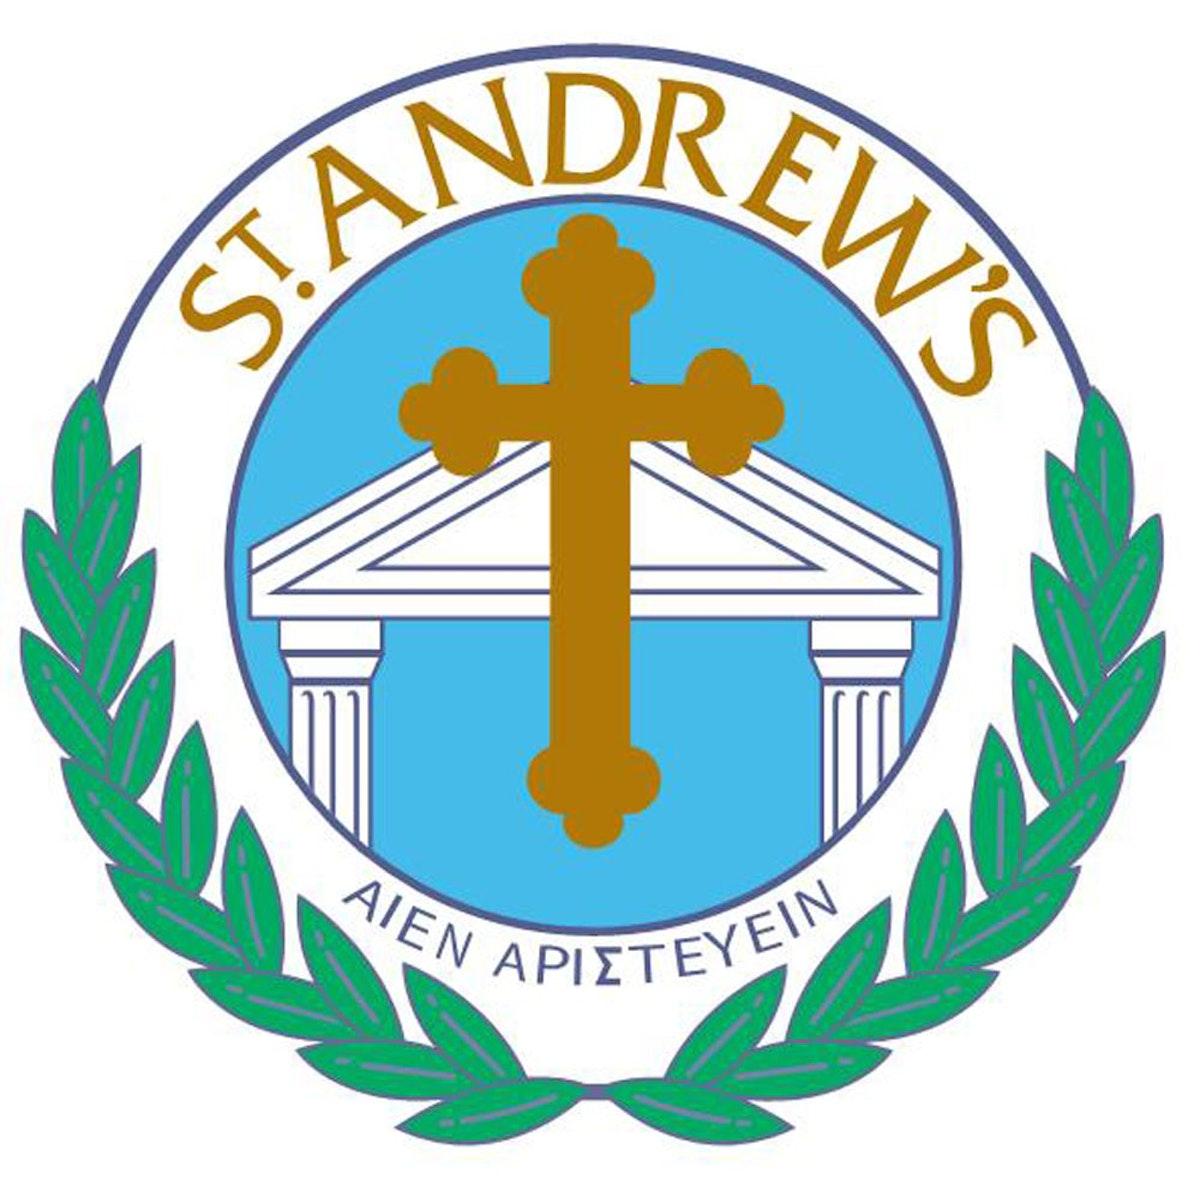 St-Andrews-Web-Logo